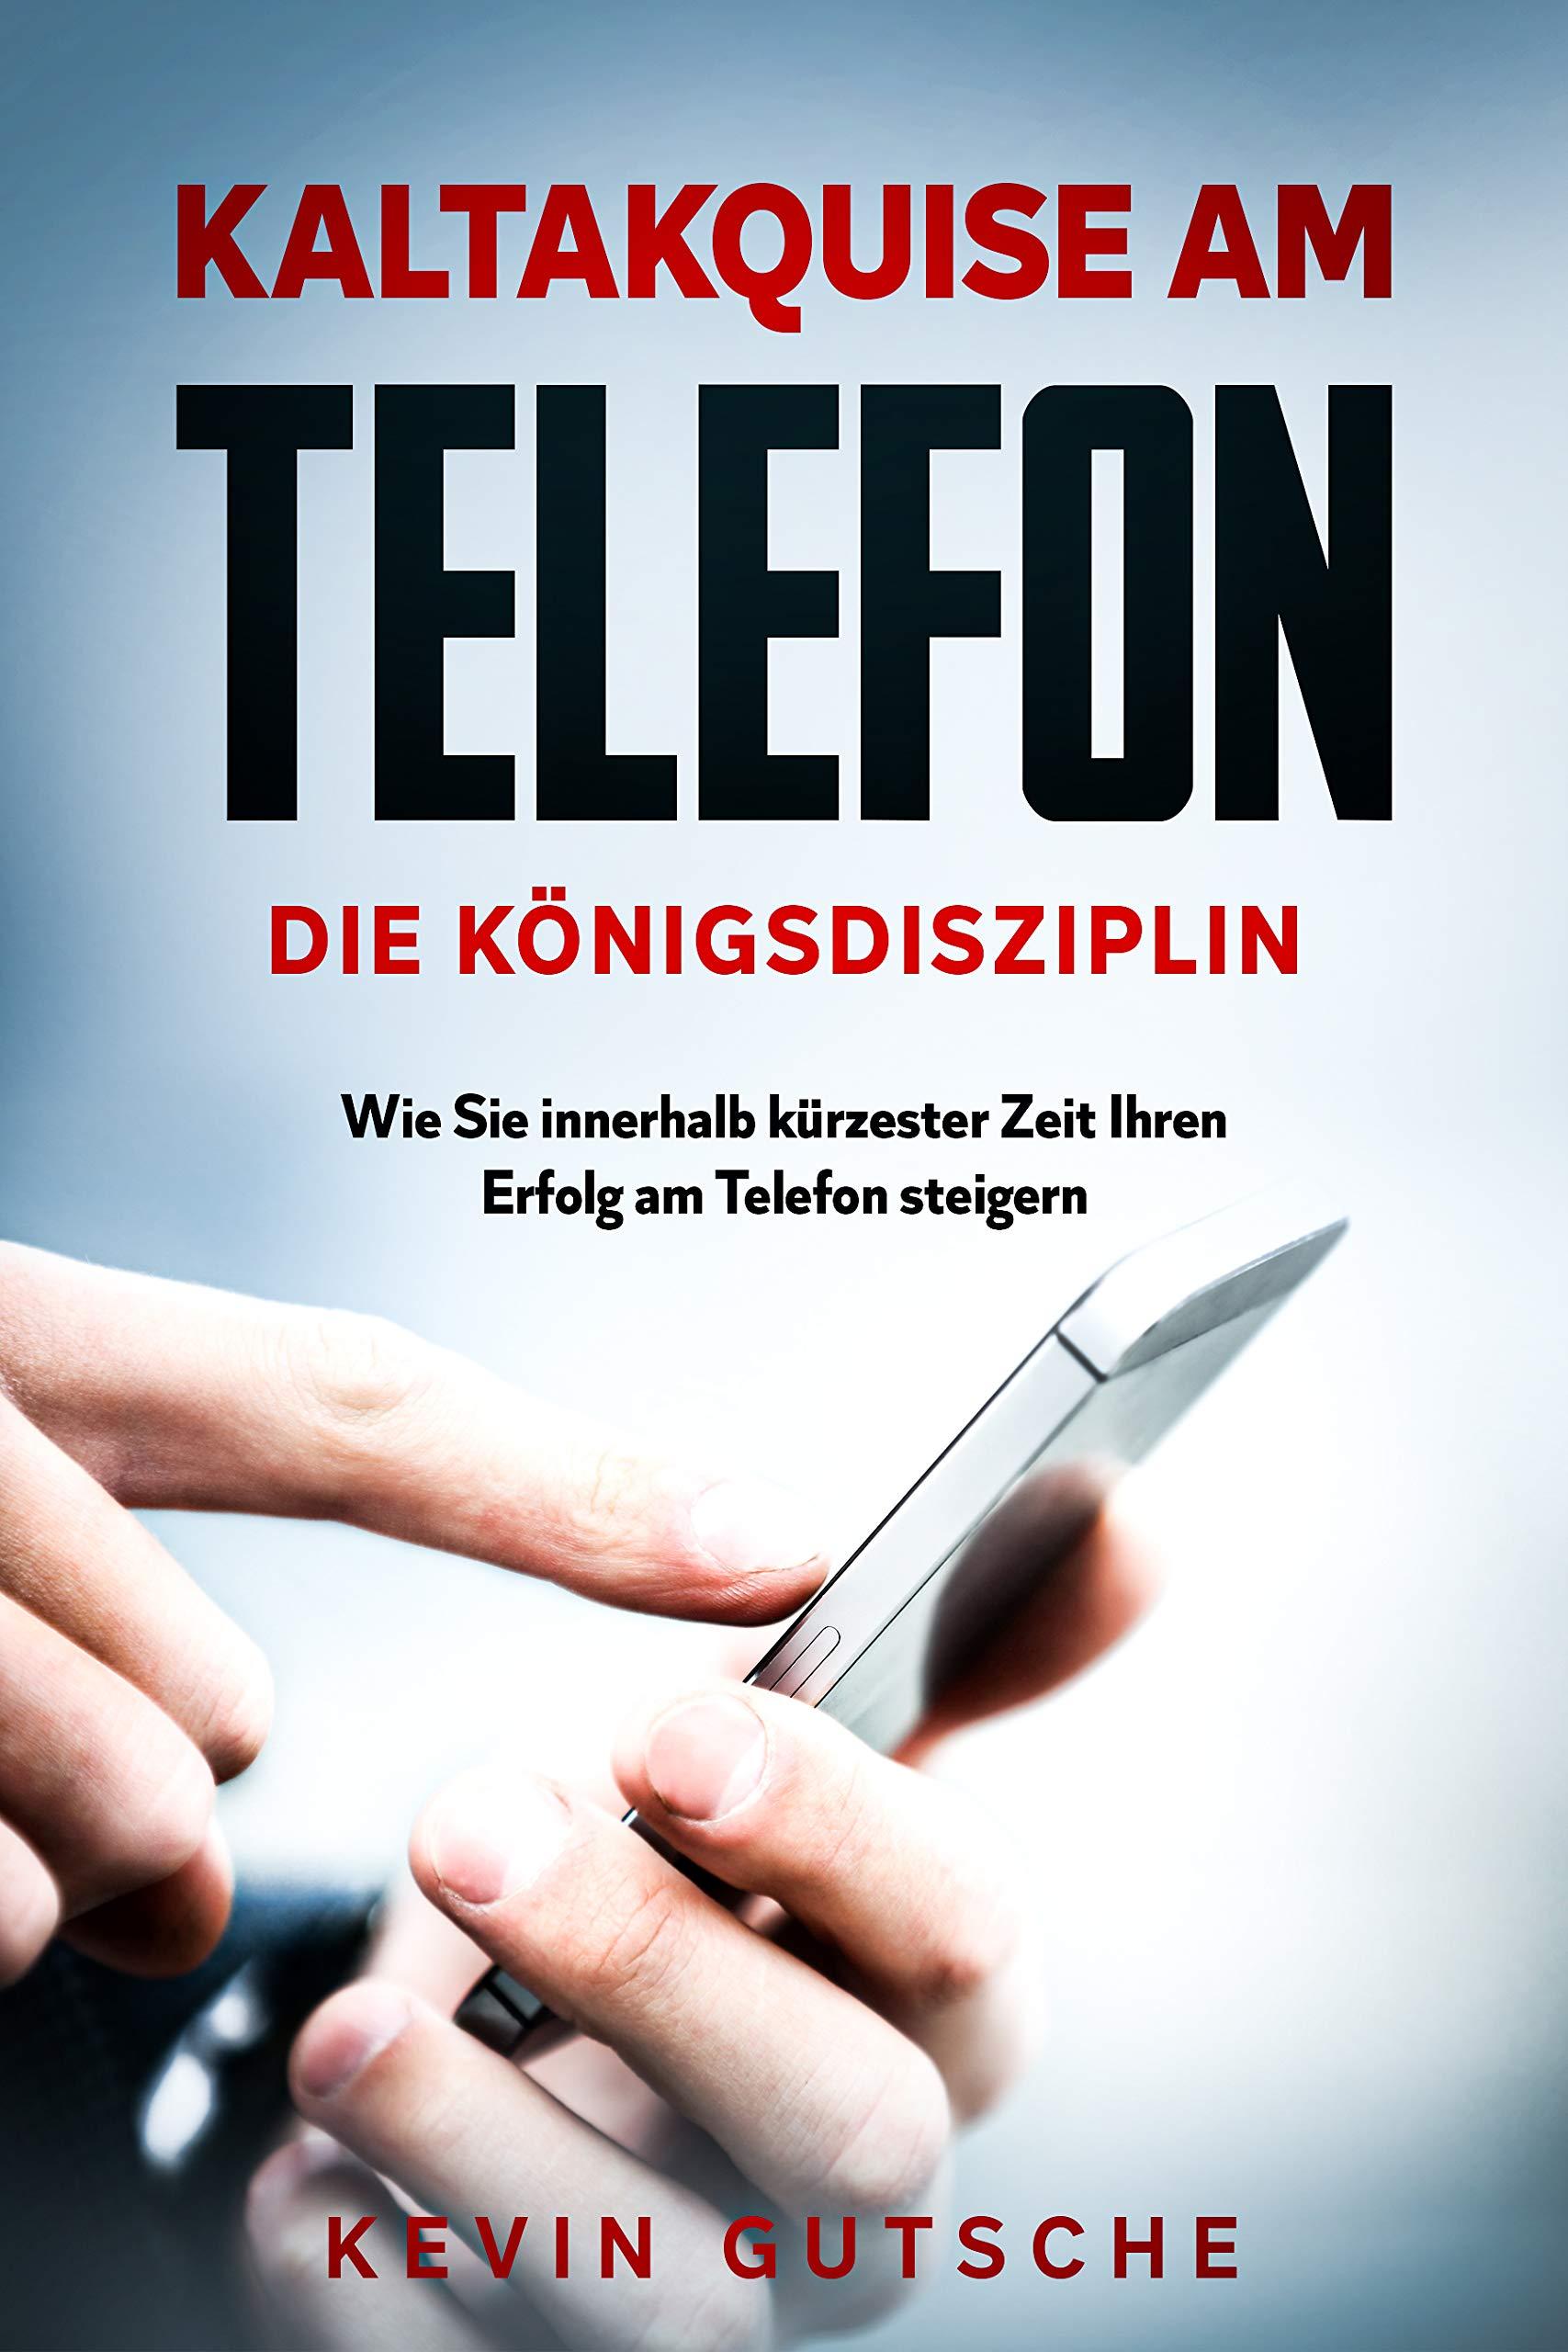 Kaltakquise am Telefon - Die Königsdisziplin: Wie Sie innerhalb kürzester Zeit Ihren Erfolg am Telefon steigern (German Edition)